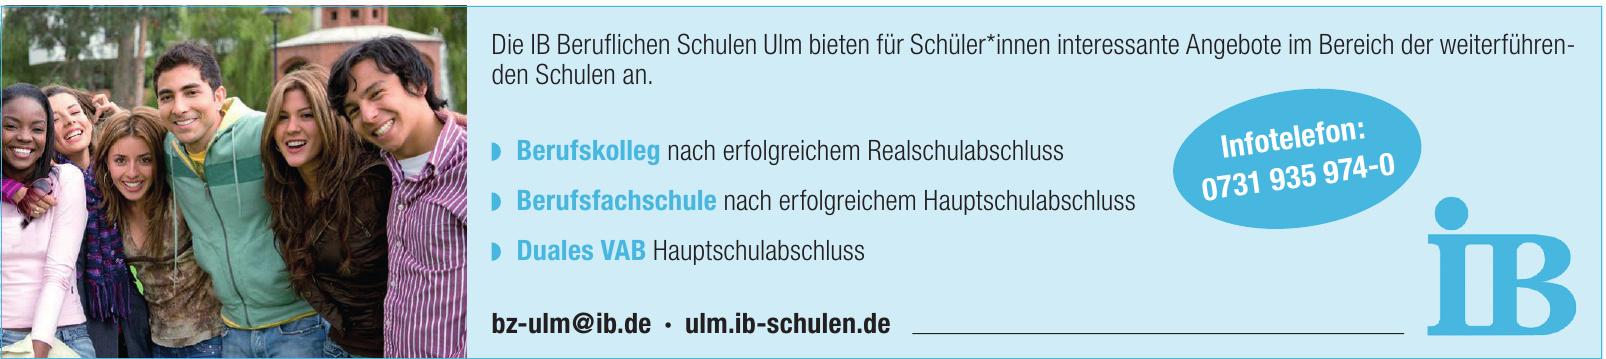 IB Beruflichen Schulen